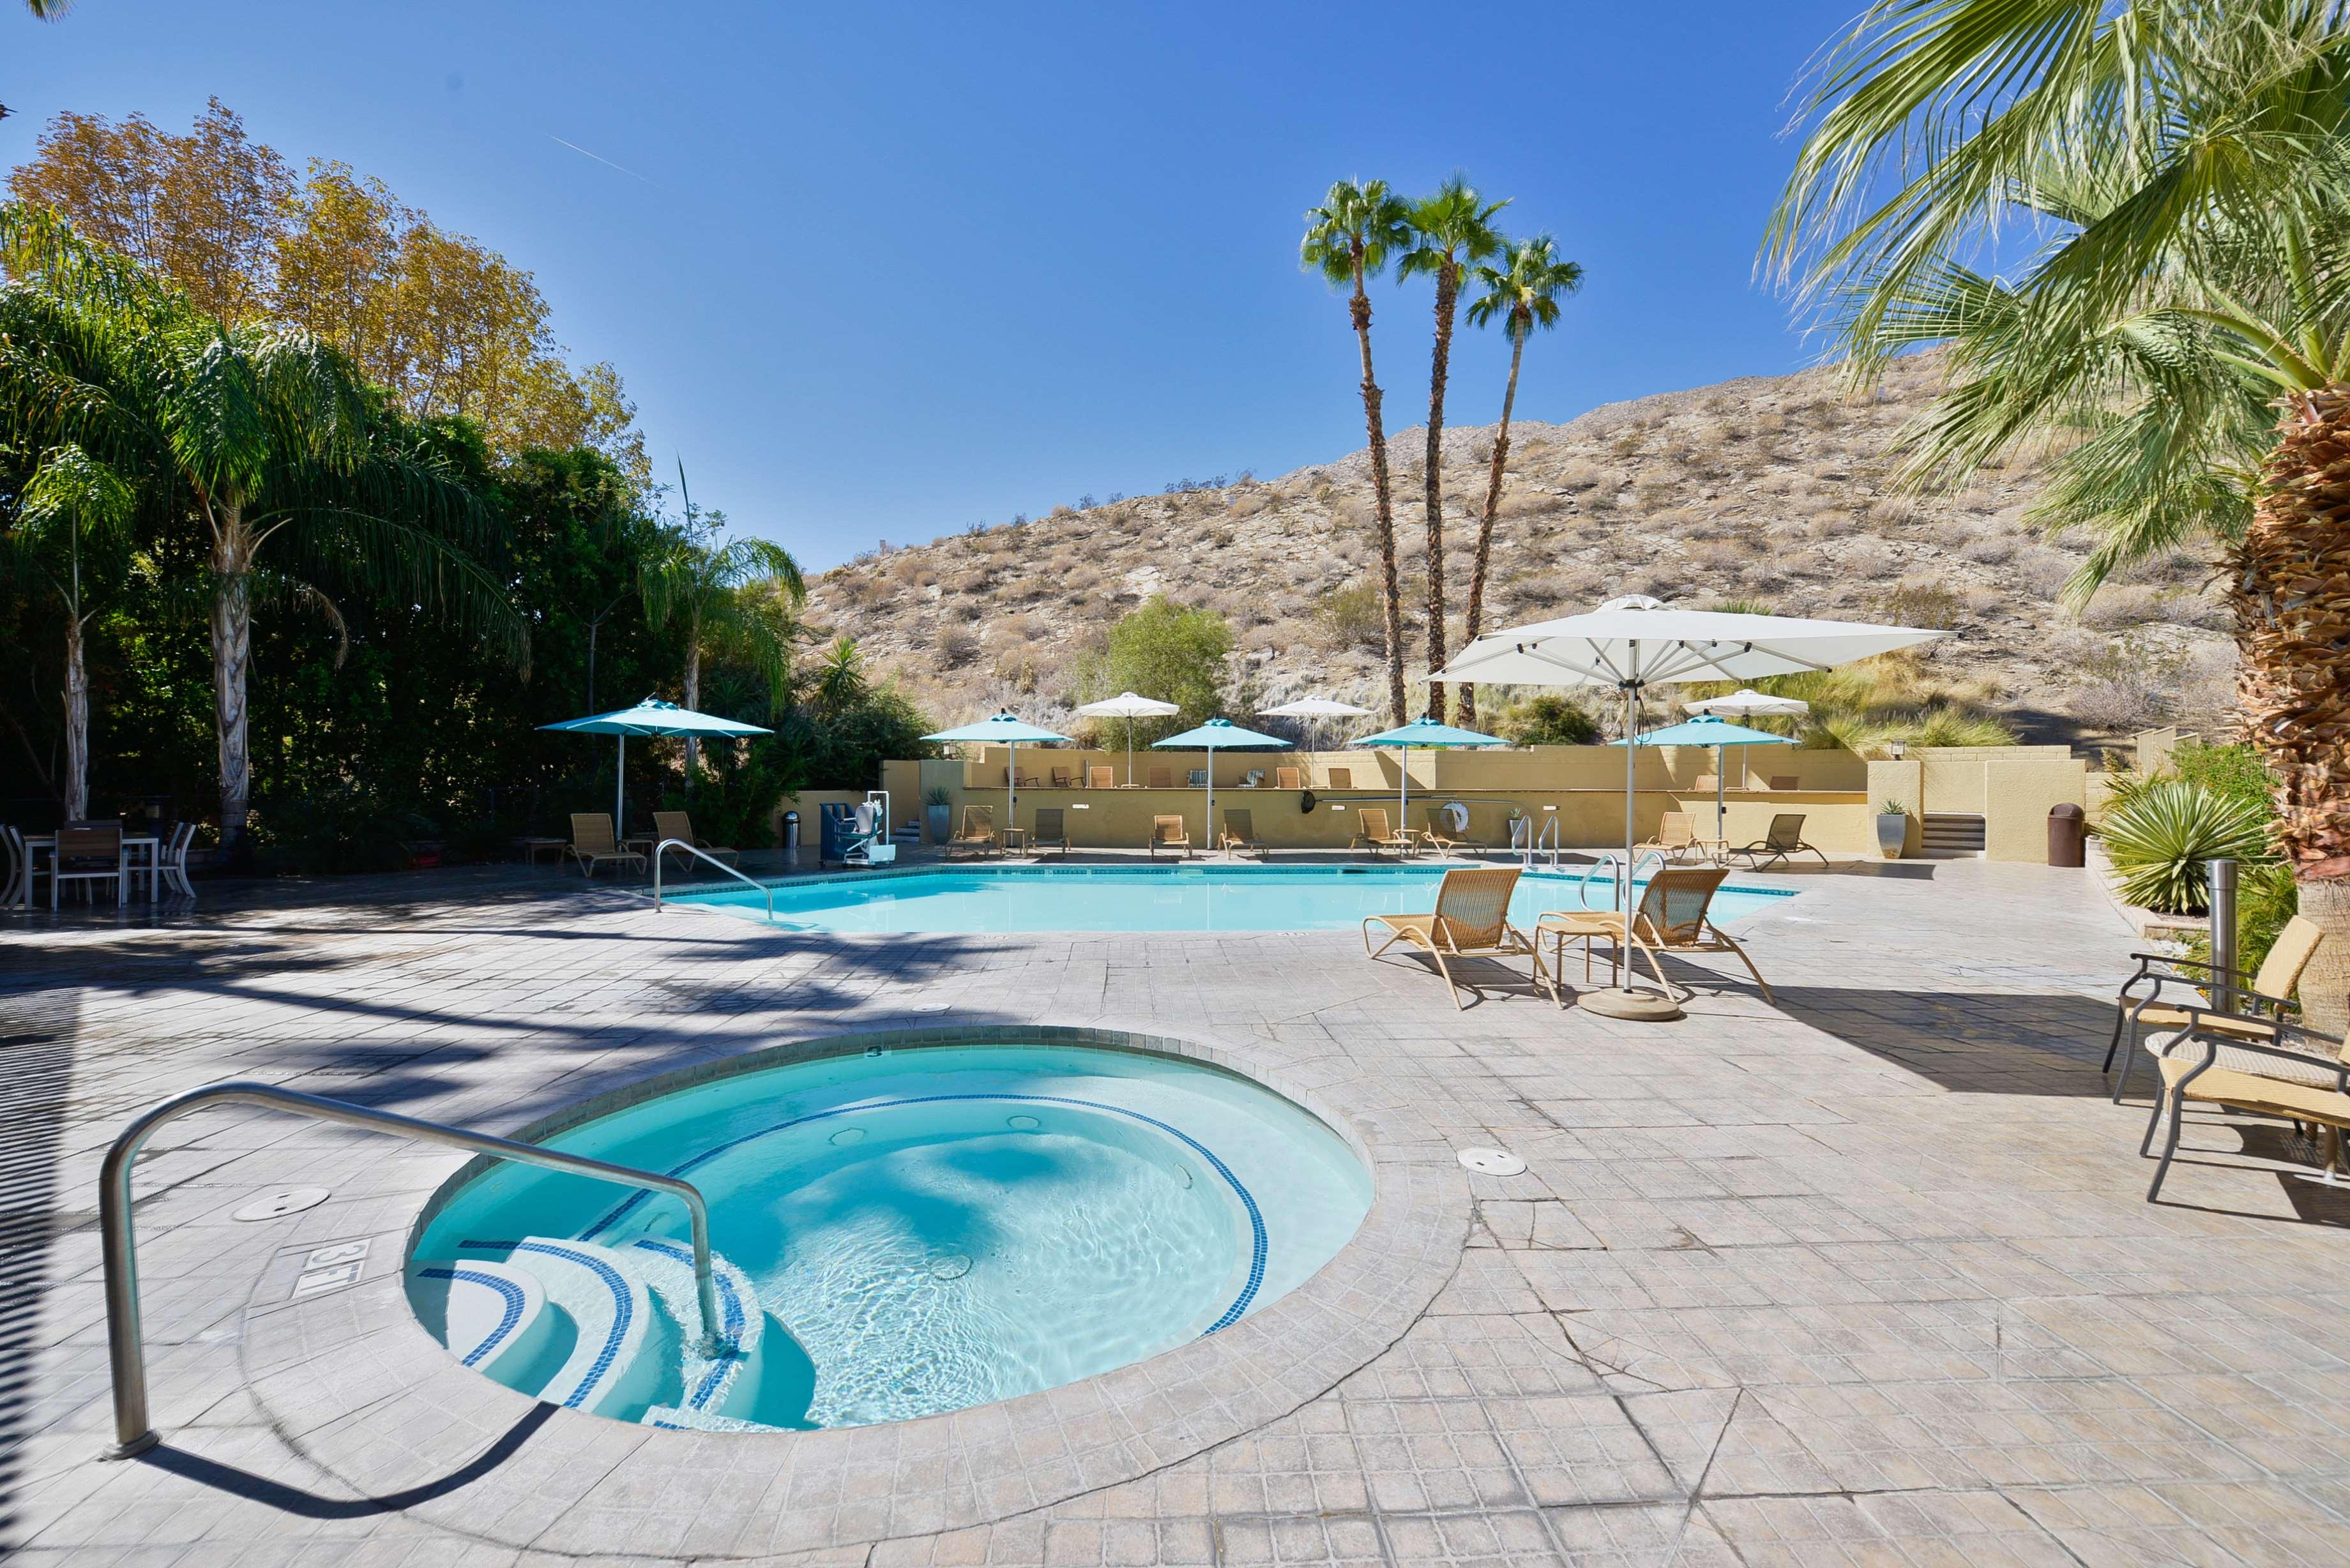 Best Western Inn at Palm Springs image 38